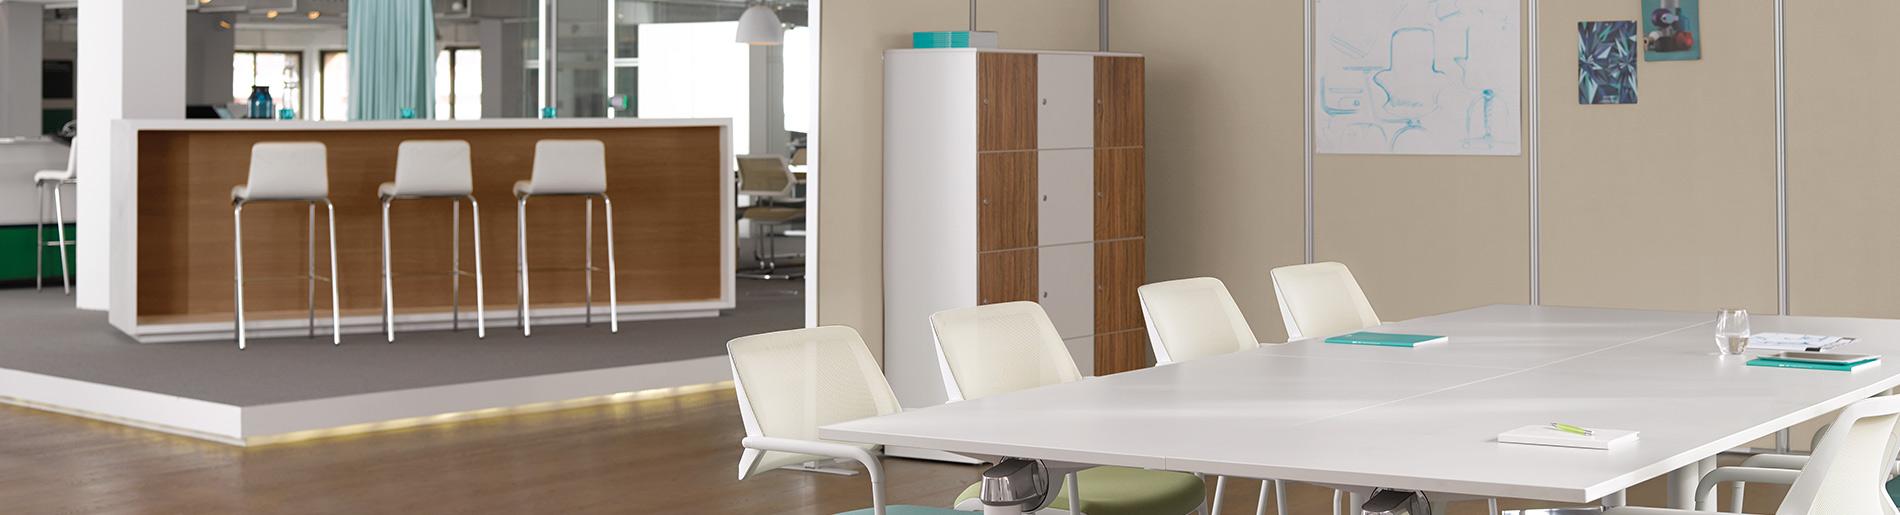 Full Size of Büro Küche Mit Spülmaschine Hygiene In Der Büroküche Büro Küche Im Schrank Büro Küche Geschirrspüler Küche Büroküche